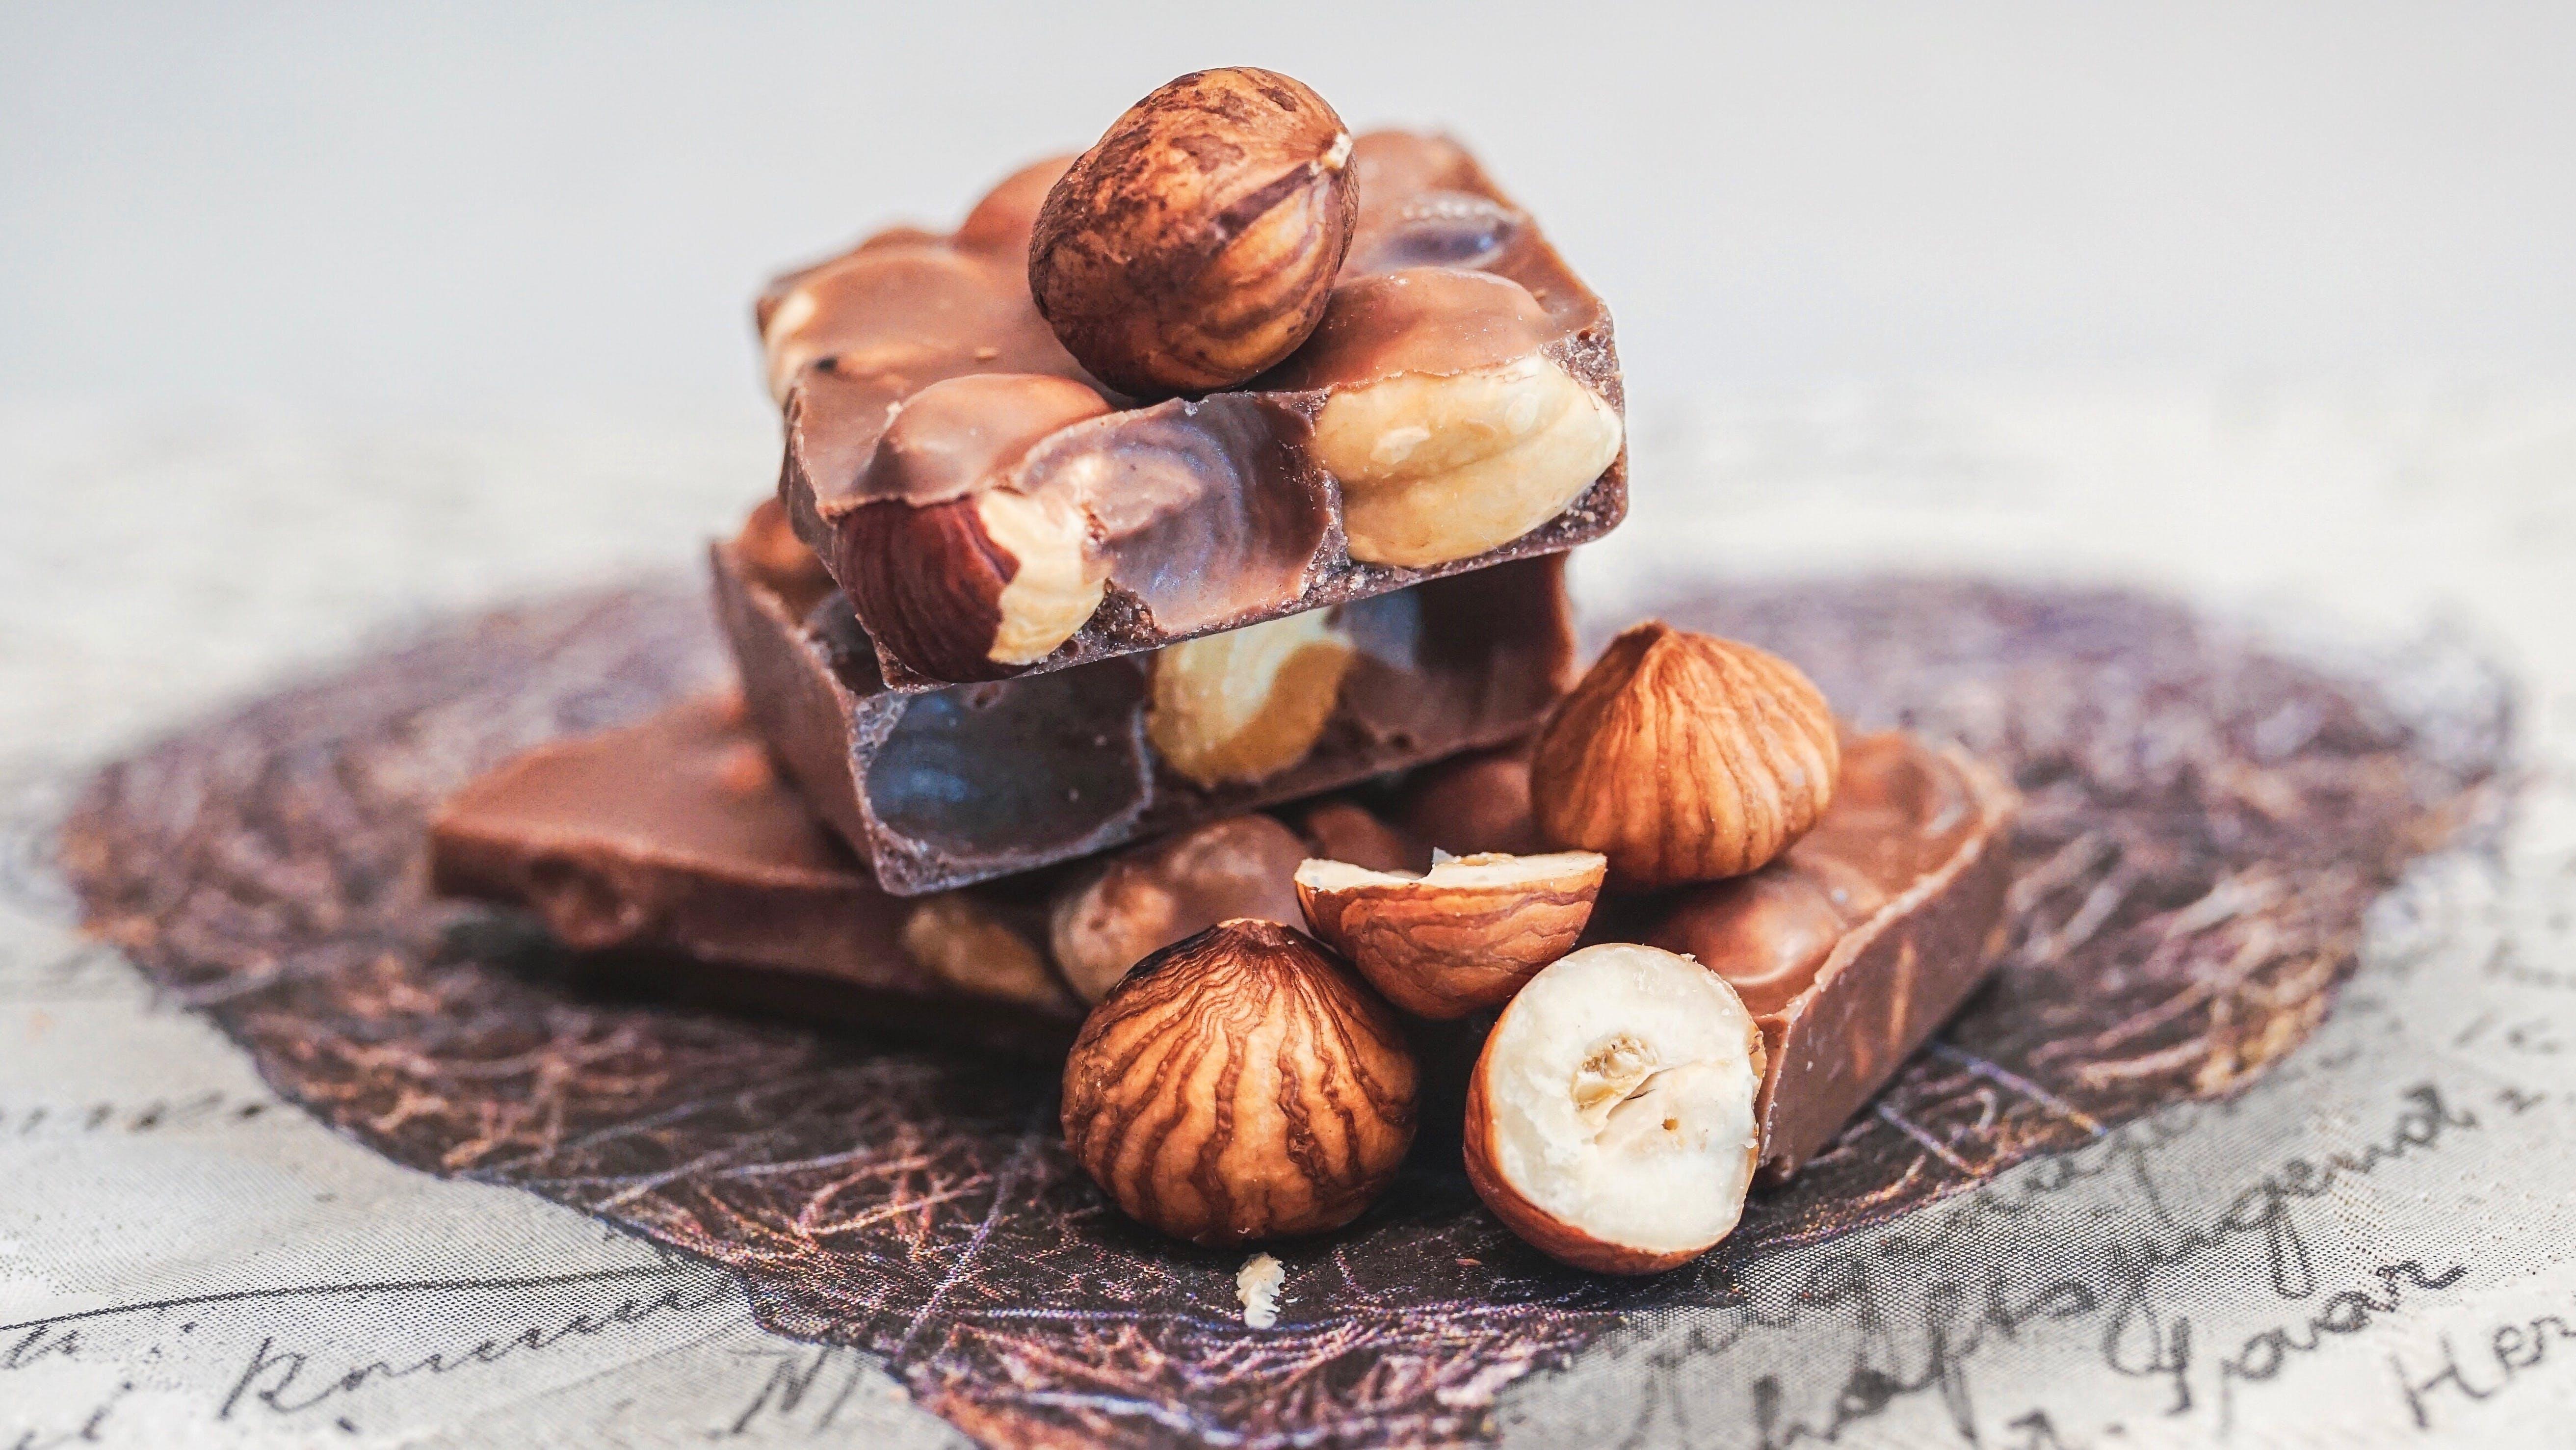 bar, beslenme, bütün, çikolata içeren Ücretsiz stok fotoğraf